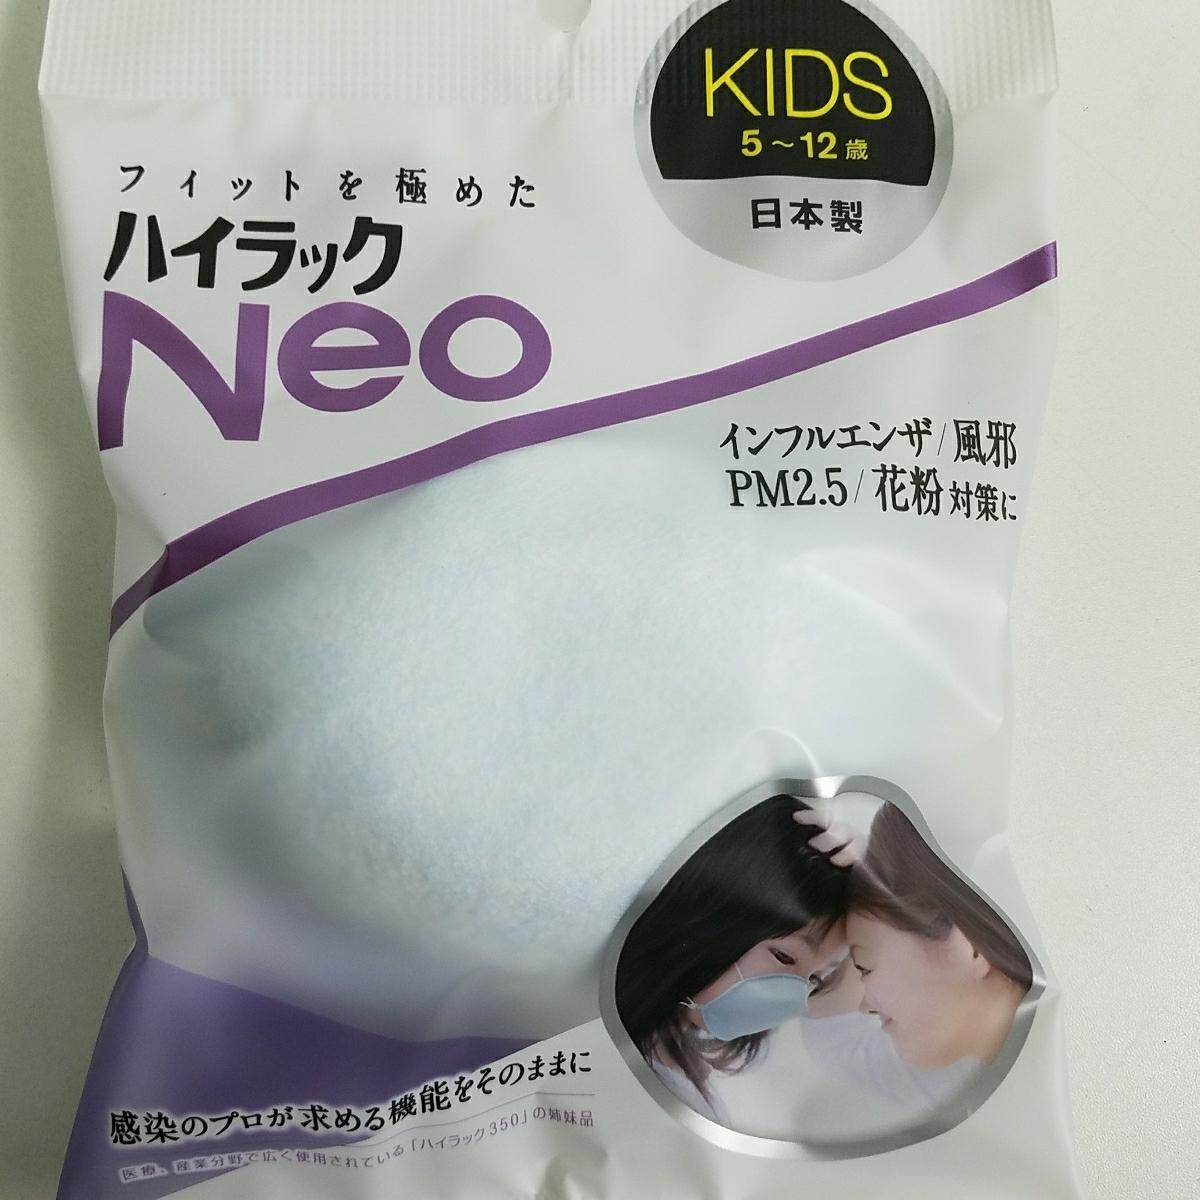 ■売切■ライラック Neo 興研 マスク キッズ用 Kids 5~12歳 インフルエンザ予防 風邪予防 PM2.5 花粉対策 25枚セット 展示品 m894-100_画像2